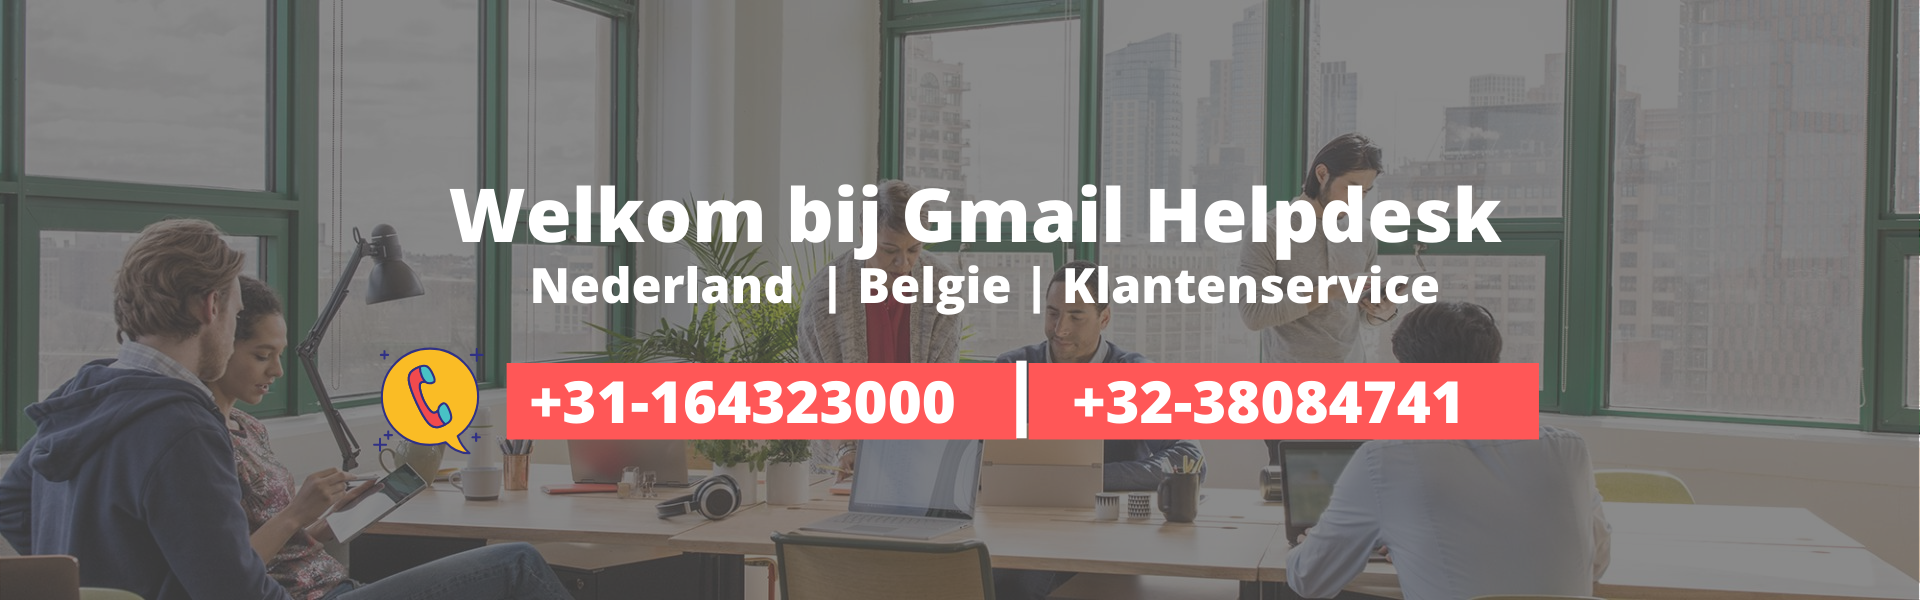 Gmail Telefoonnummer